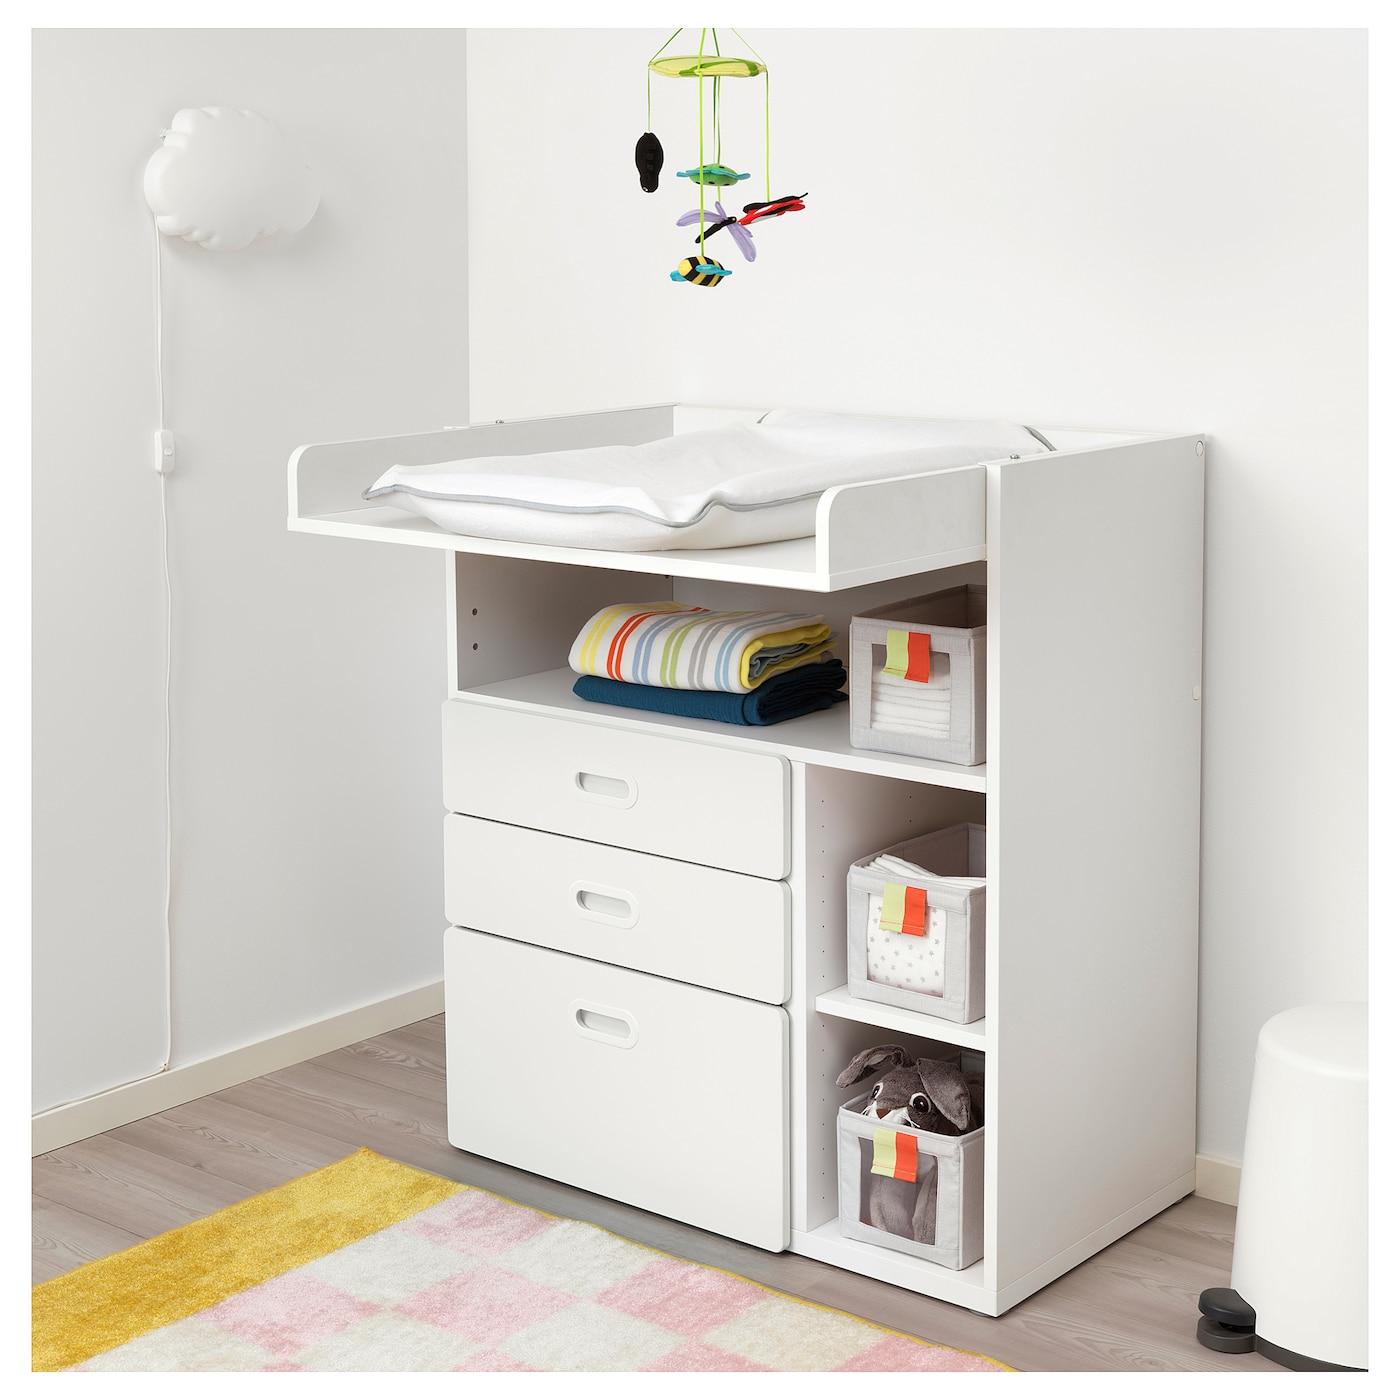 STUVA / FRITIDS Wickeltisch mit Schubladen weiß/weiß 90 cm 79 cm 102 cm 15 kg